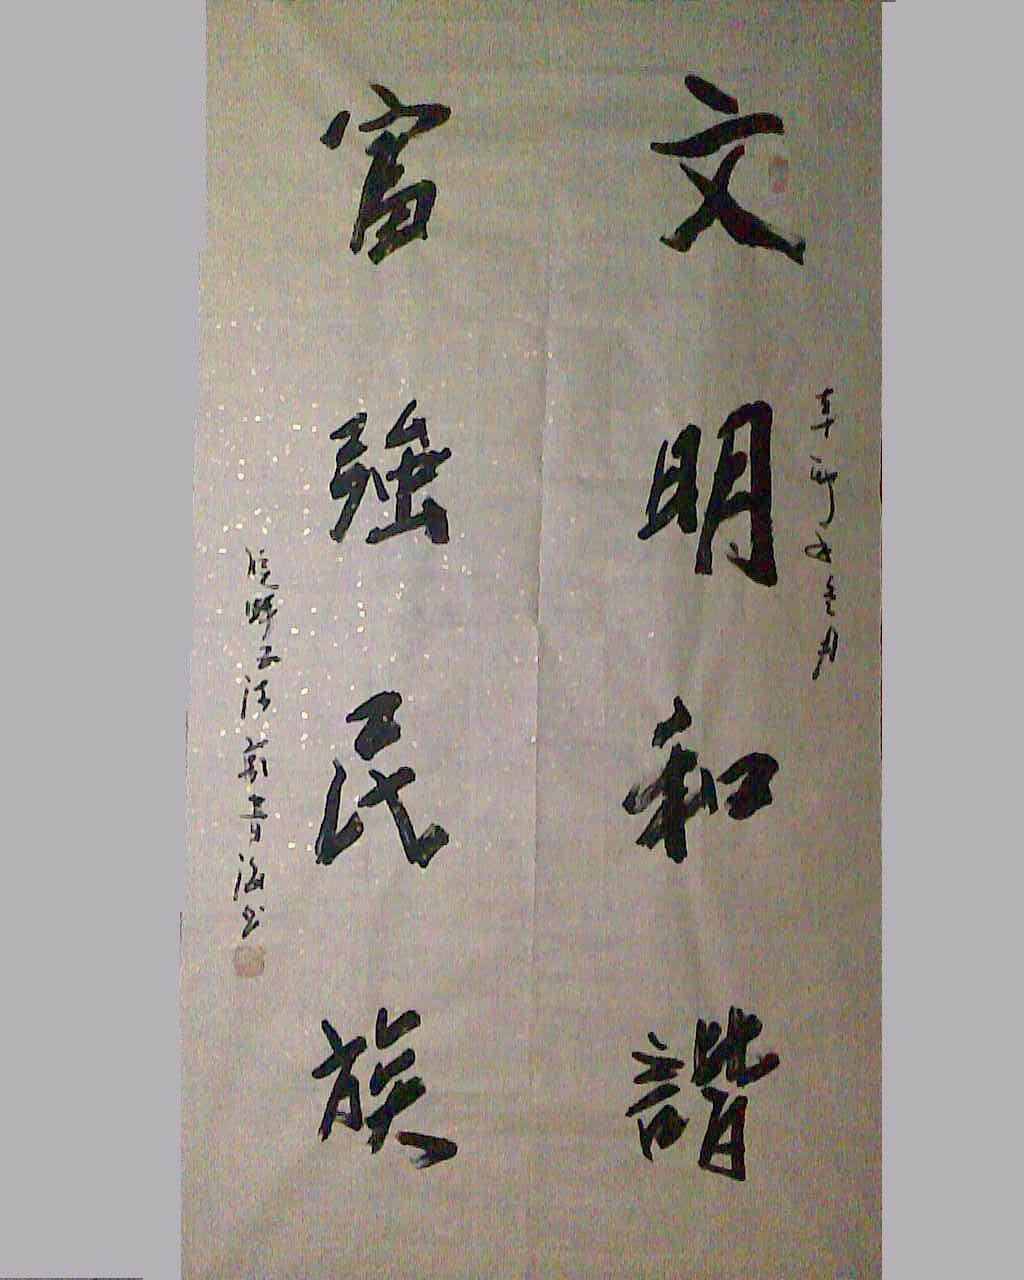 香港 回归 普天同庆中国当代实力派书法作品 深